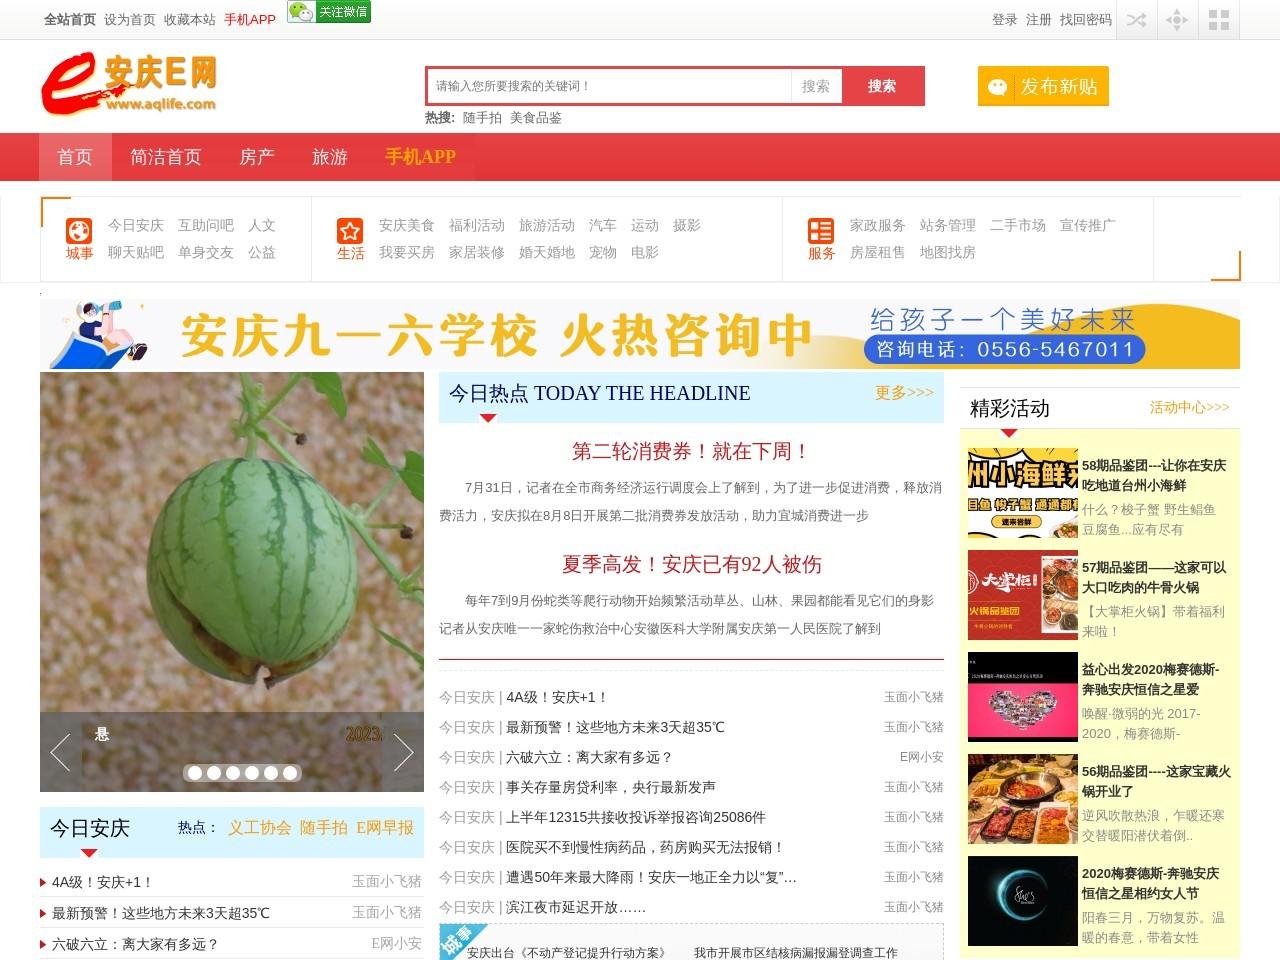 安庆E网-安庆生活门户